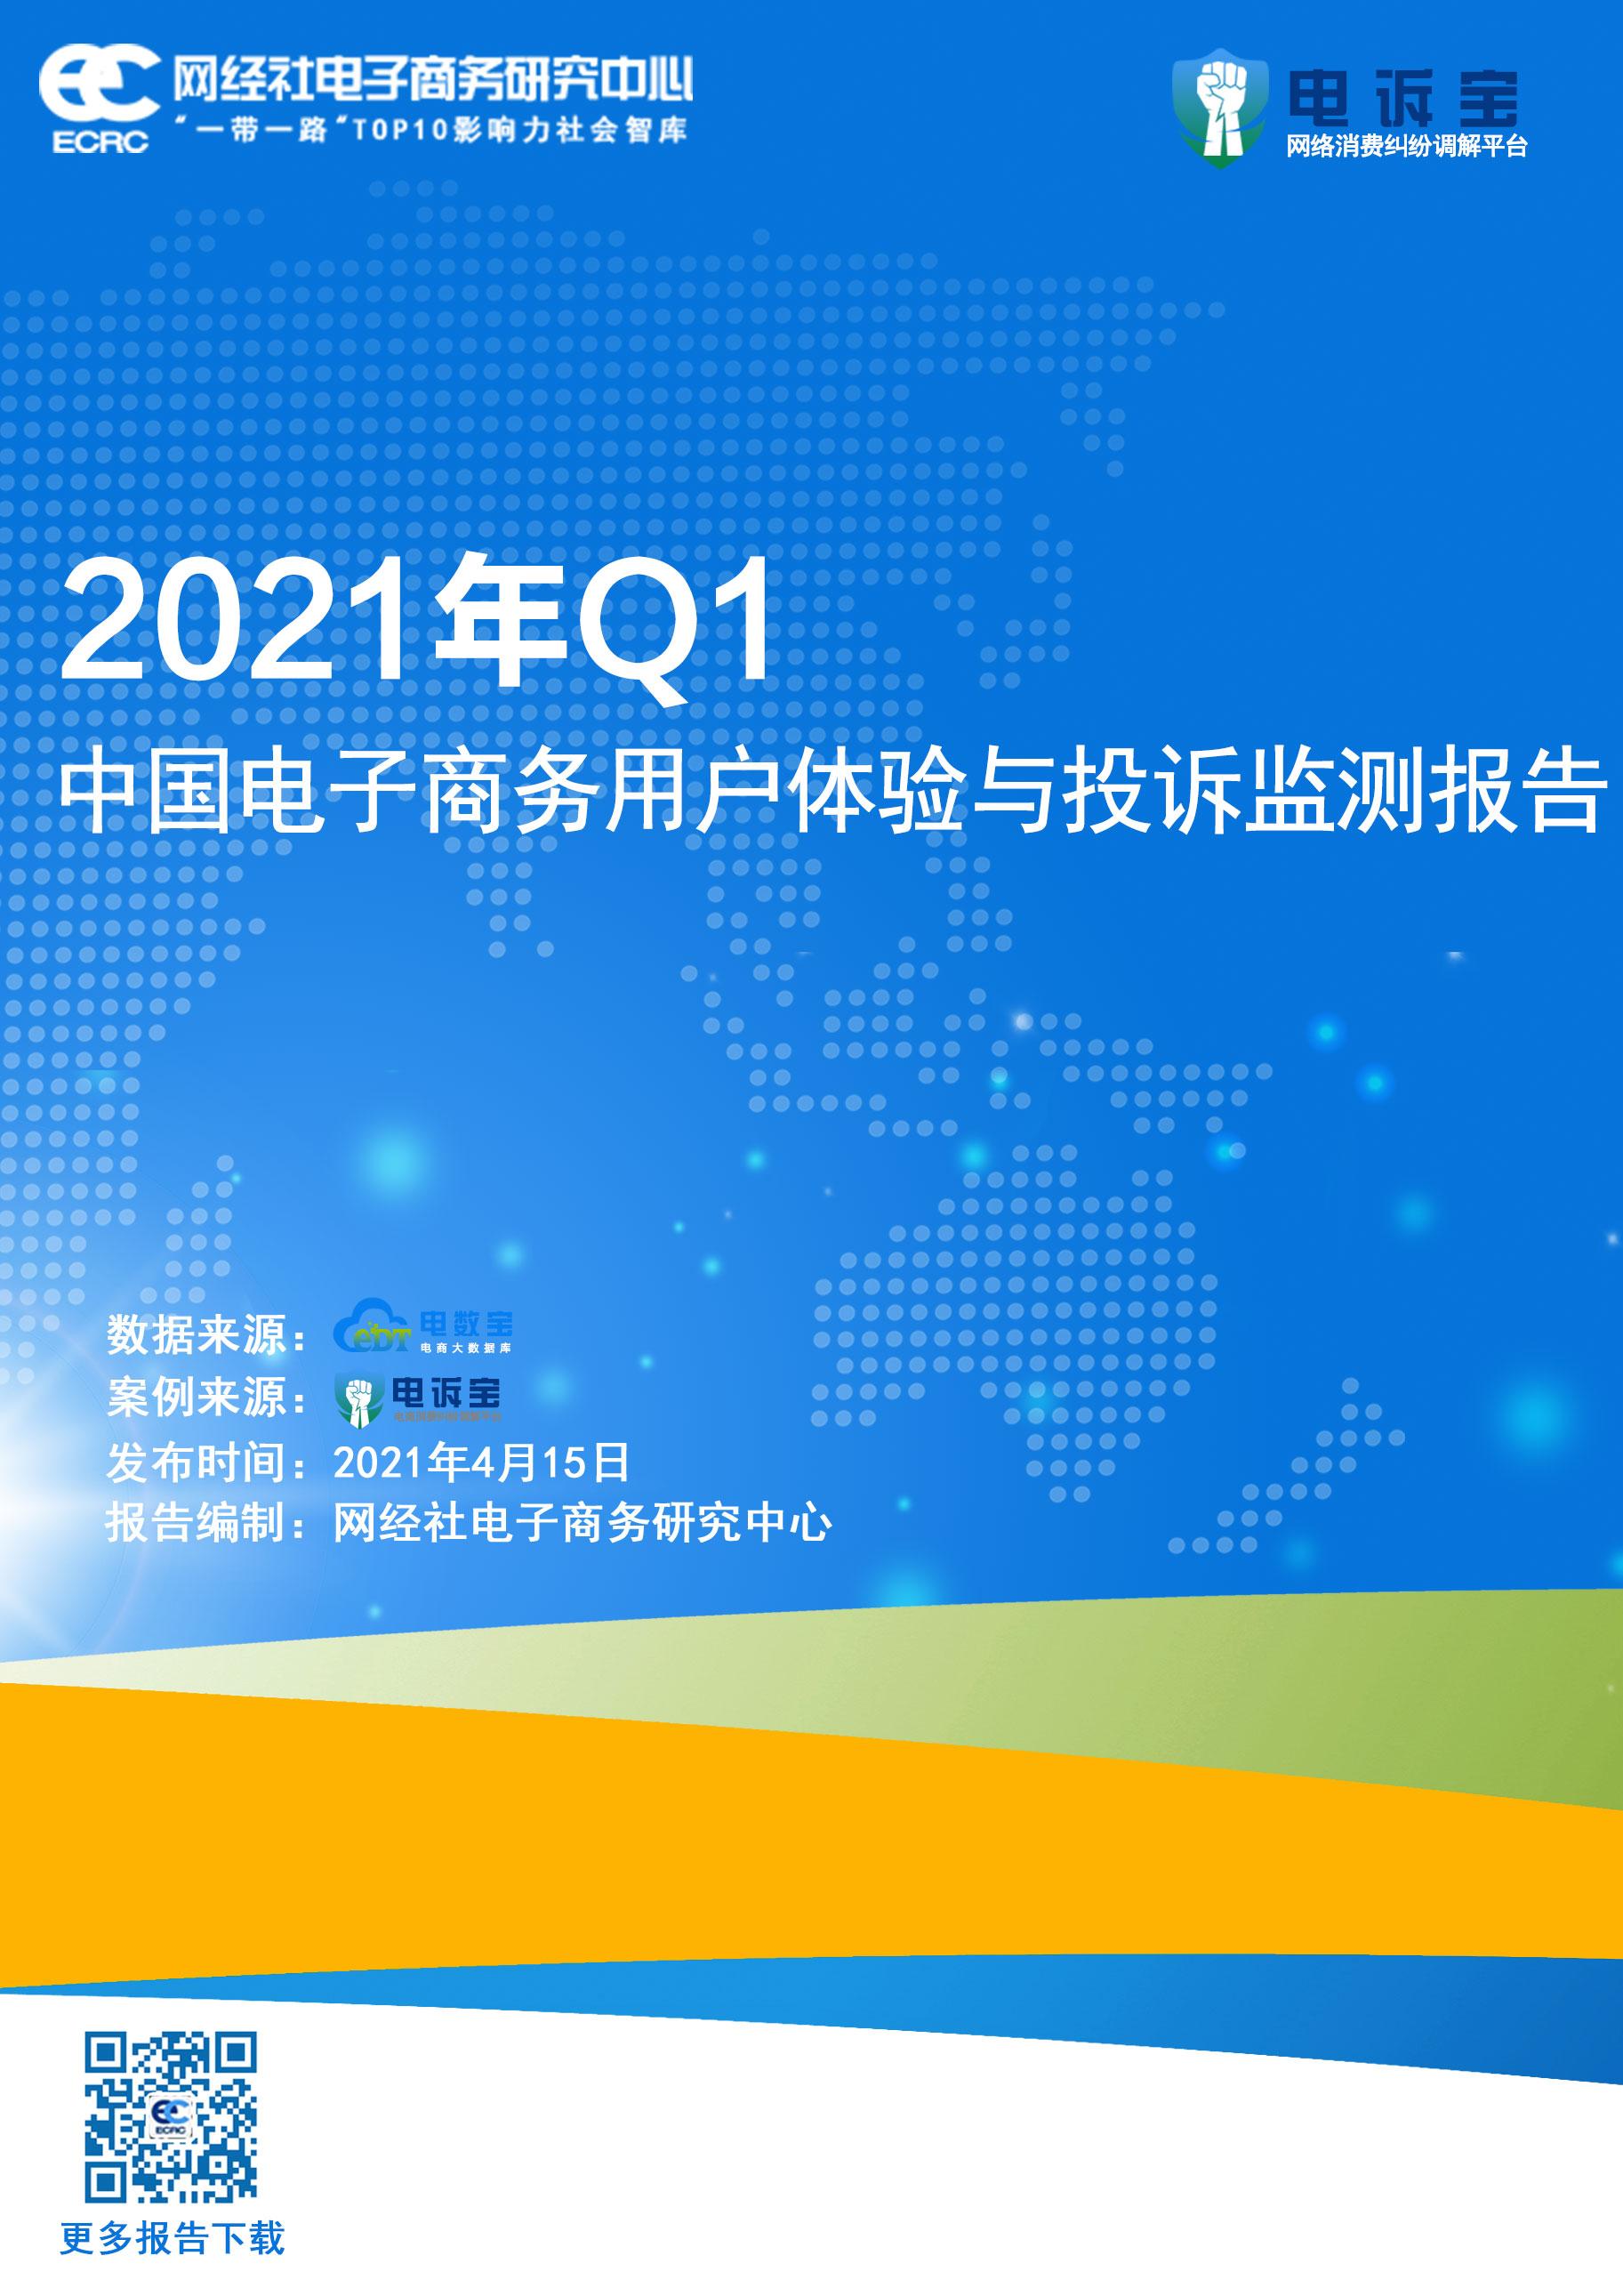 网经社:《2021年Q1电子商务用户体验与投诉监测报告》发布